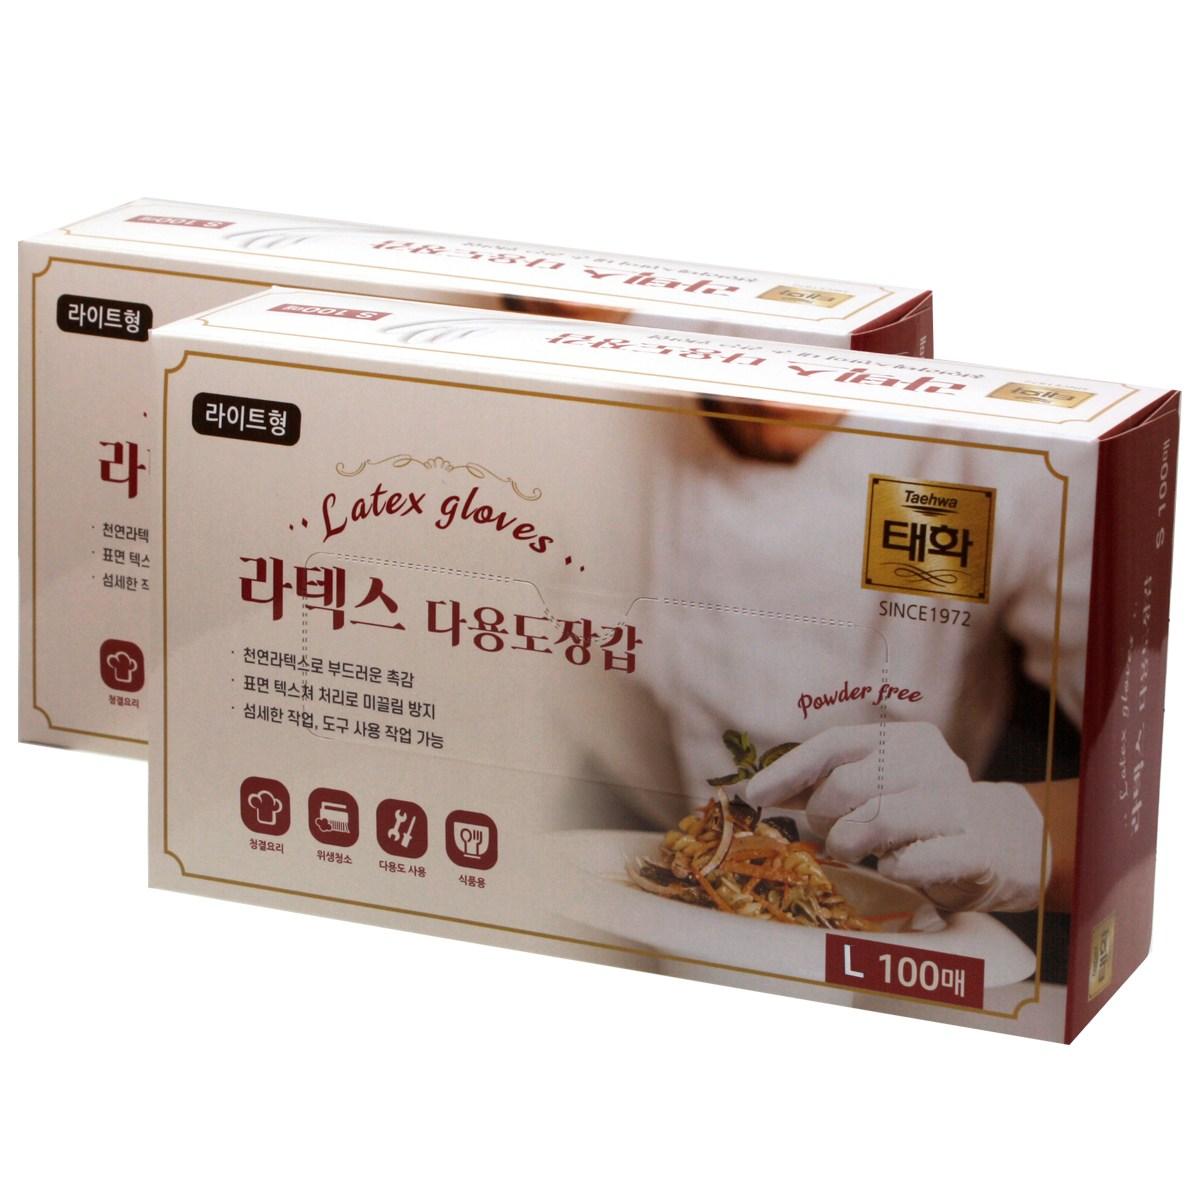 태화 라텍스 라이트 장갑 대(L), 1개, 100매